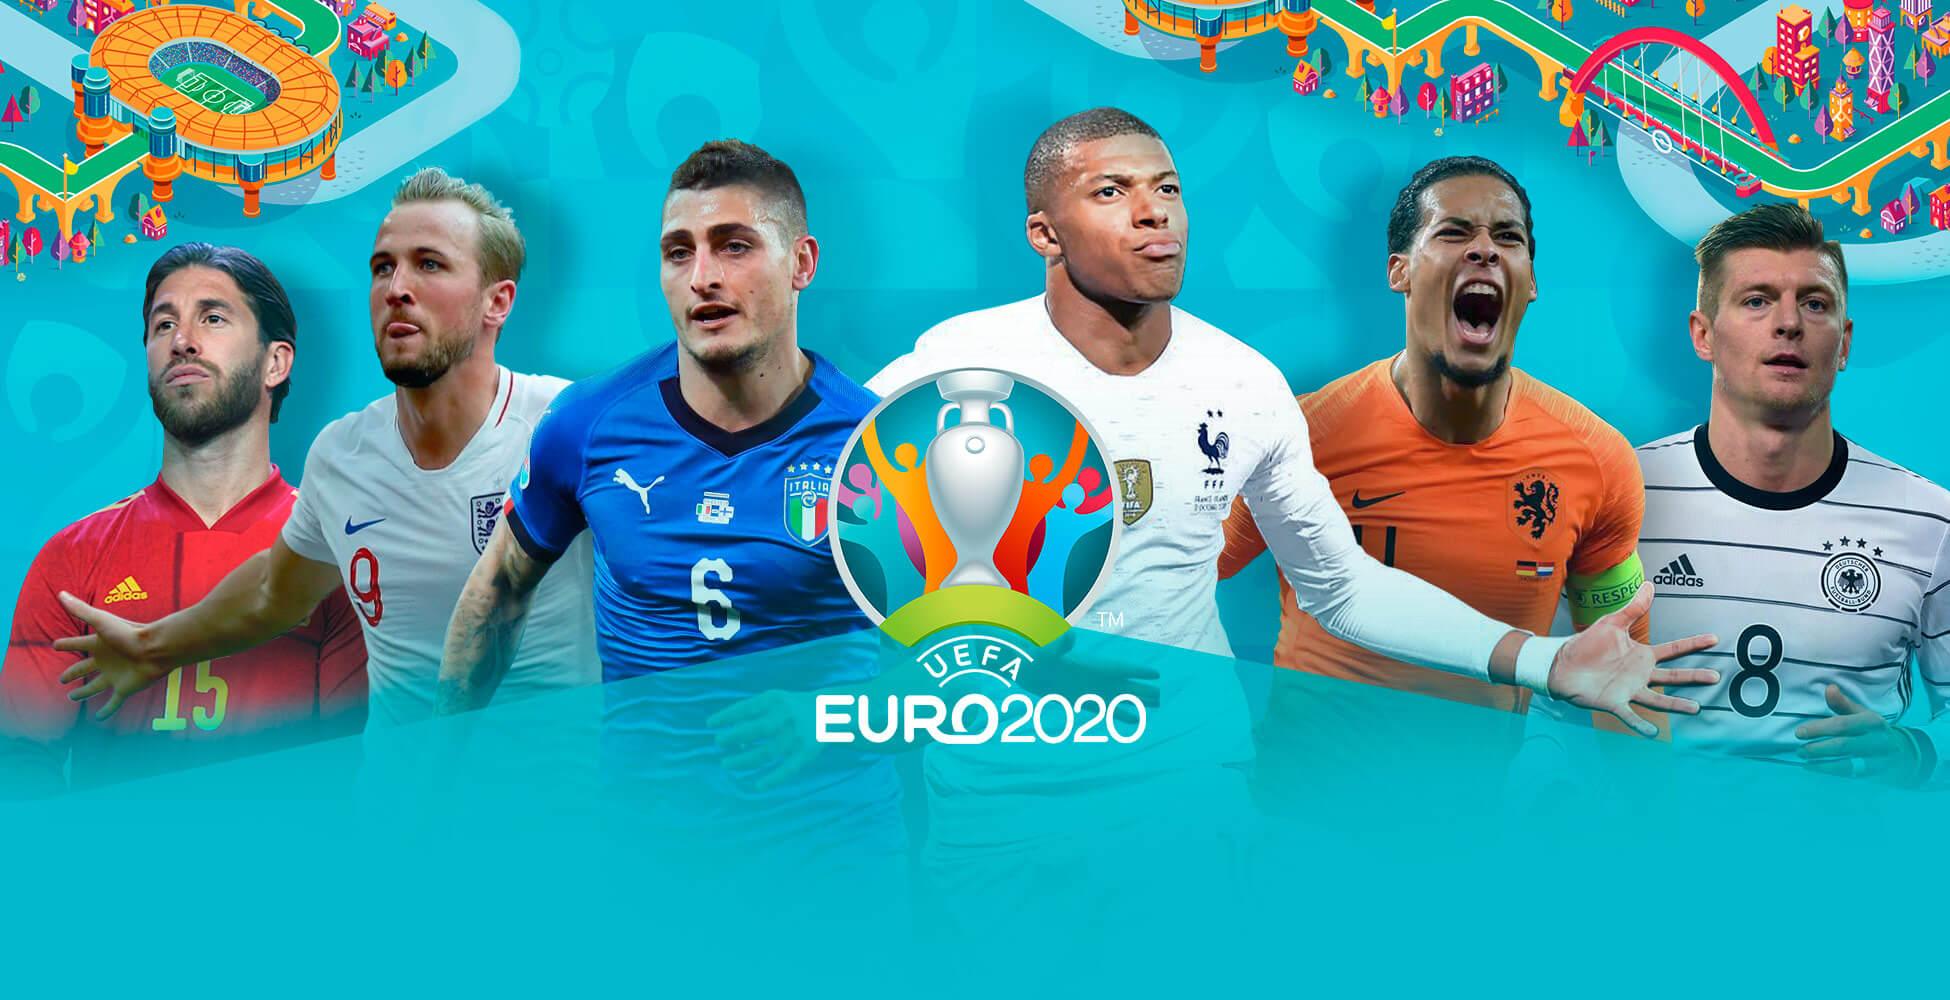 la euro 2020 llega a PES